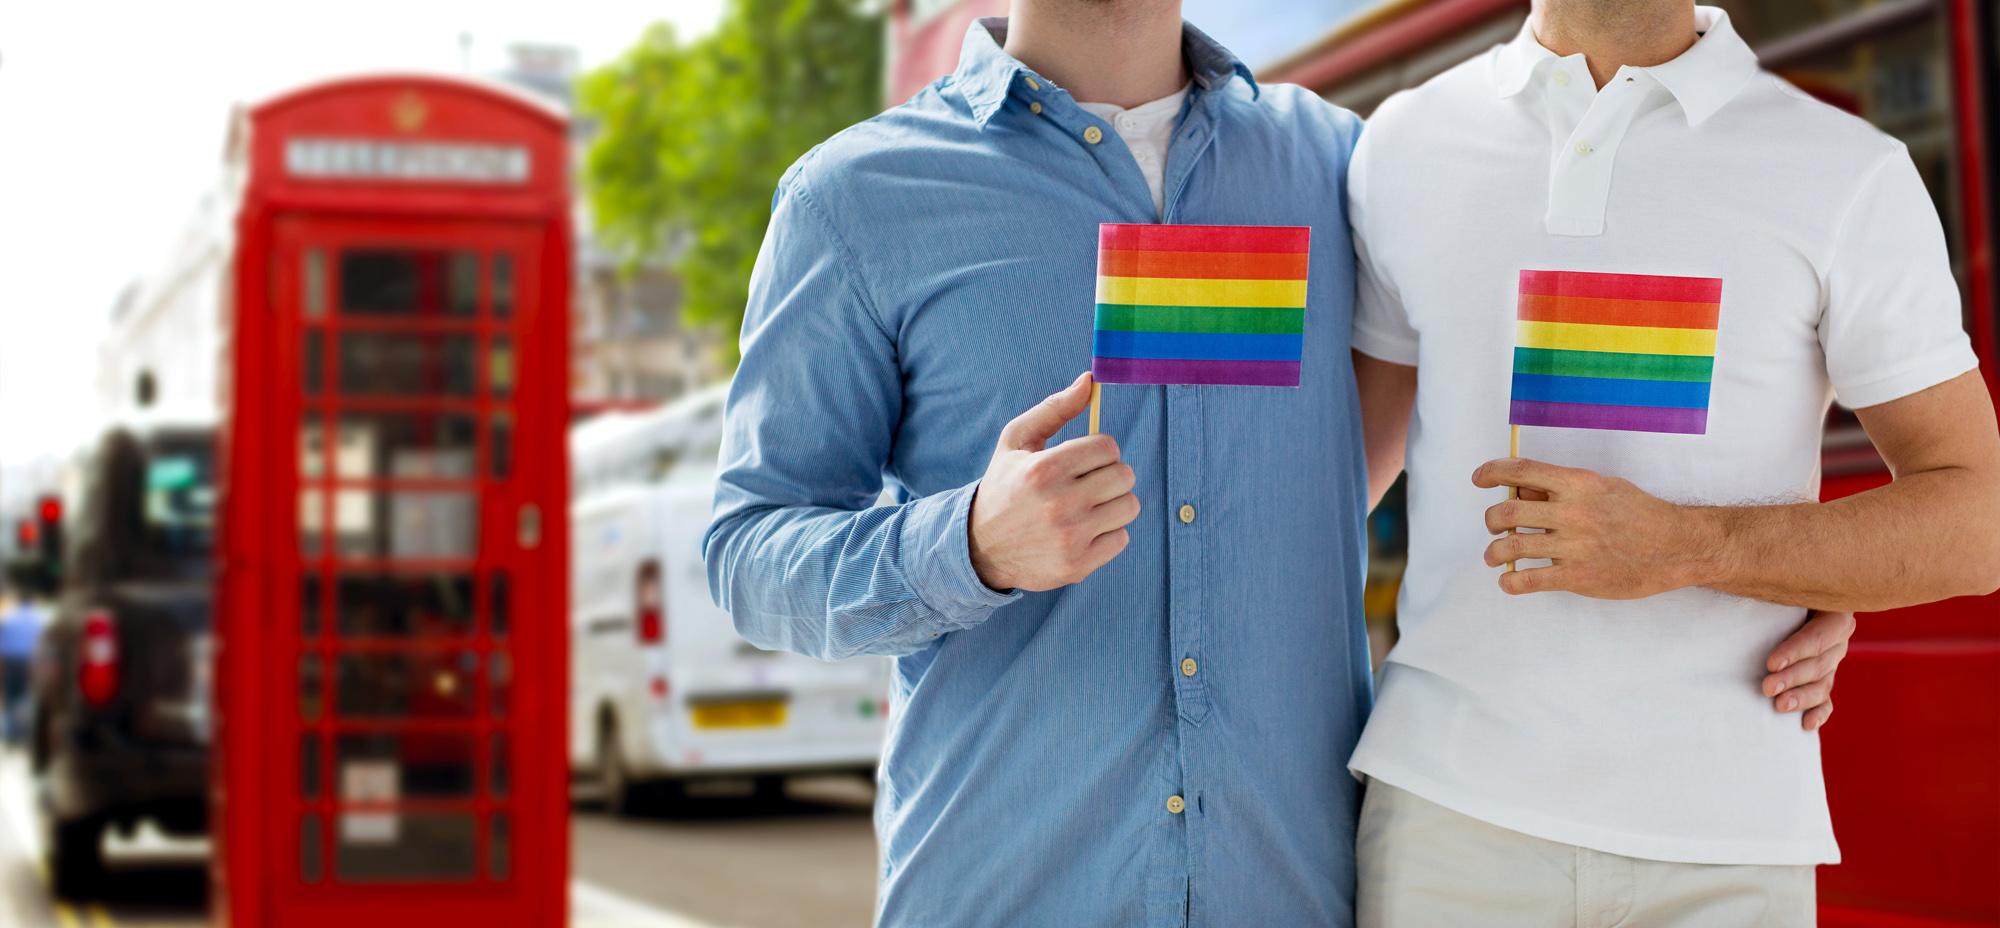 Londres gay rencontres sites Web datant de prendre la prochaine étape